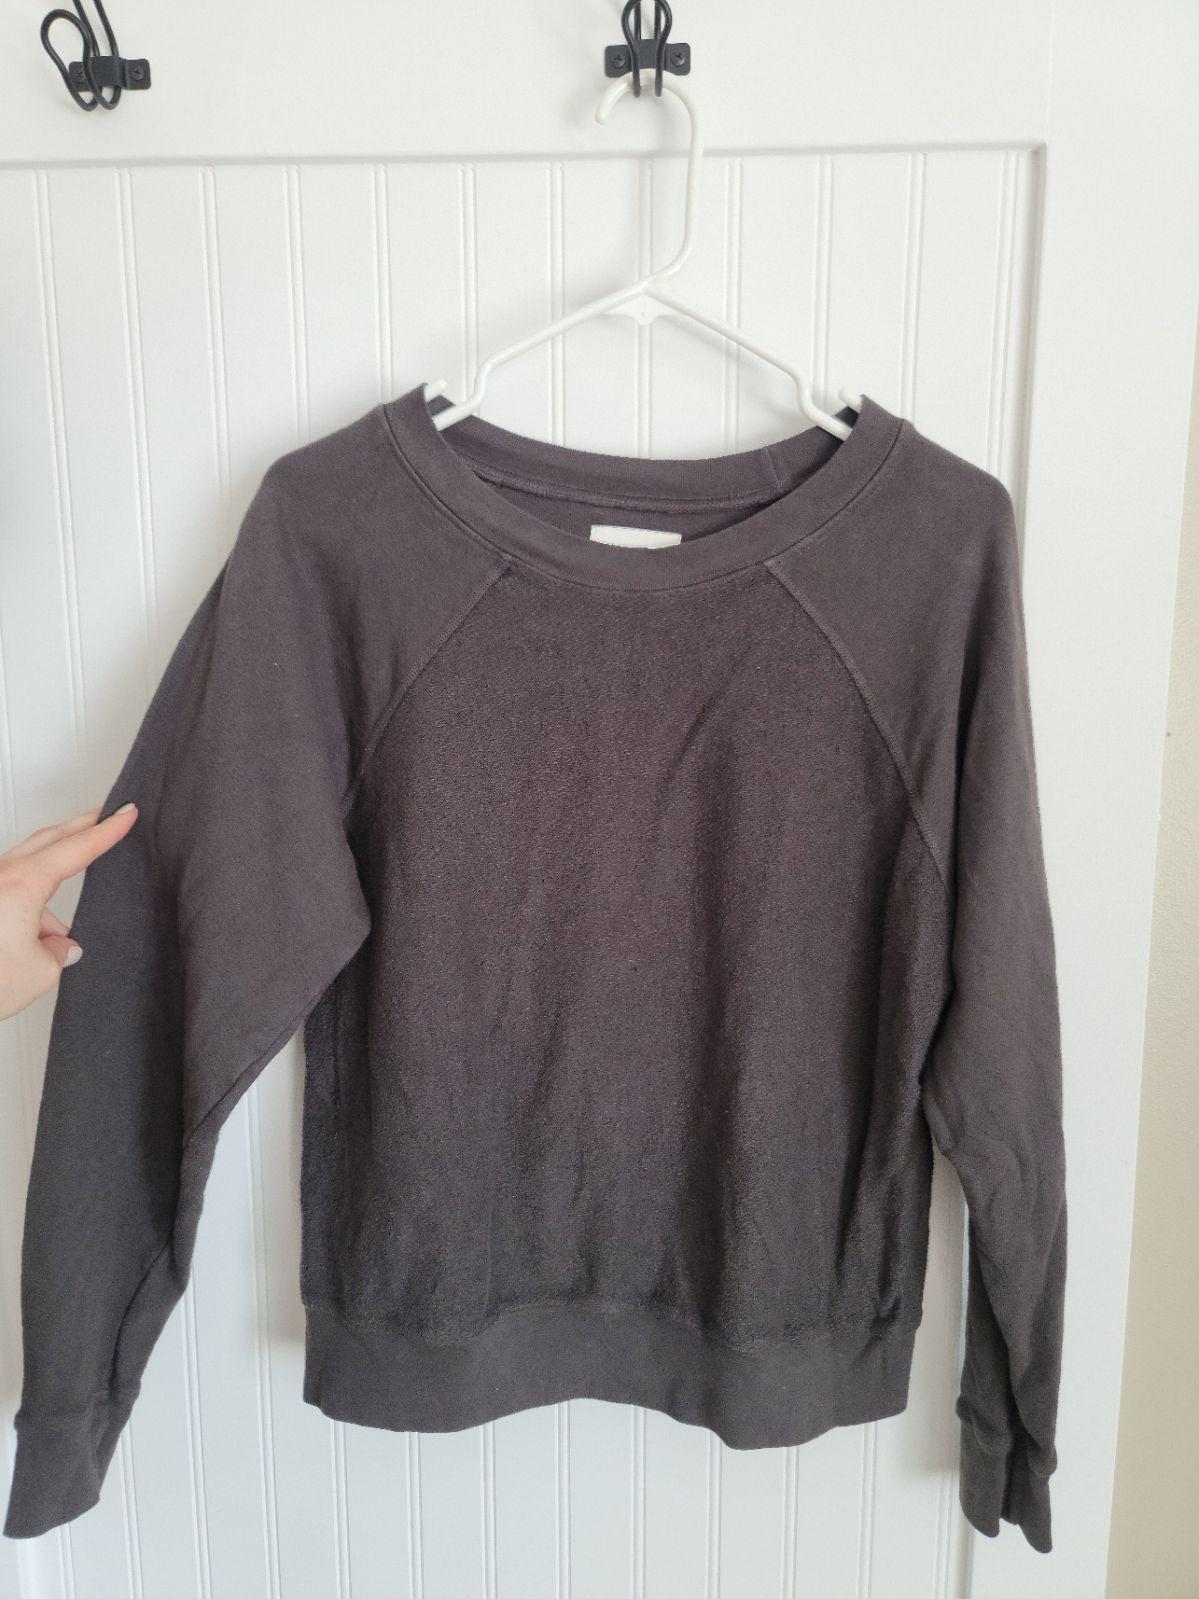 Mate sweatshirt M